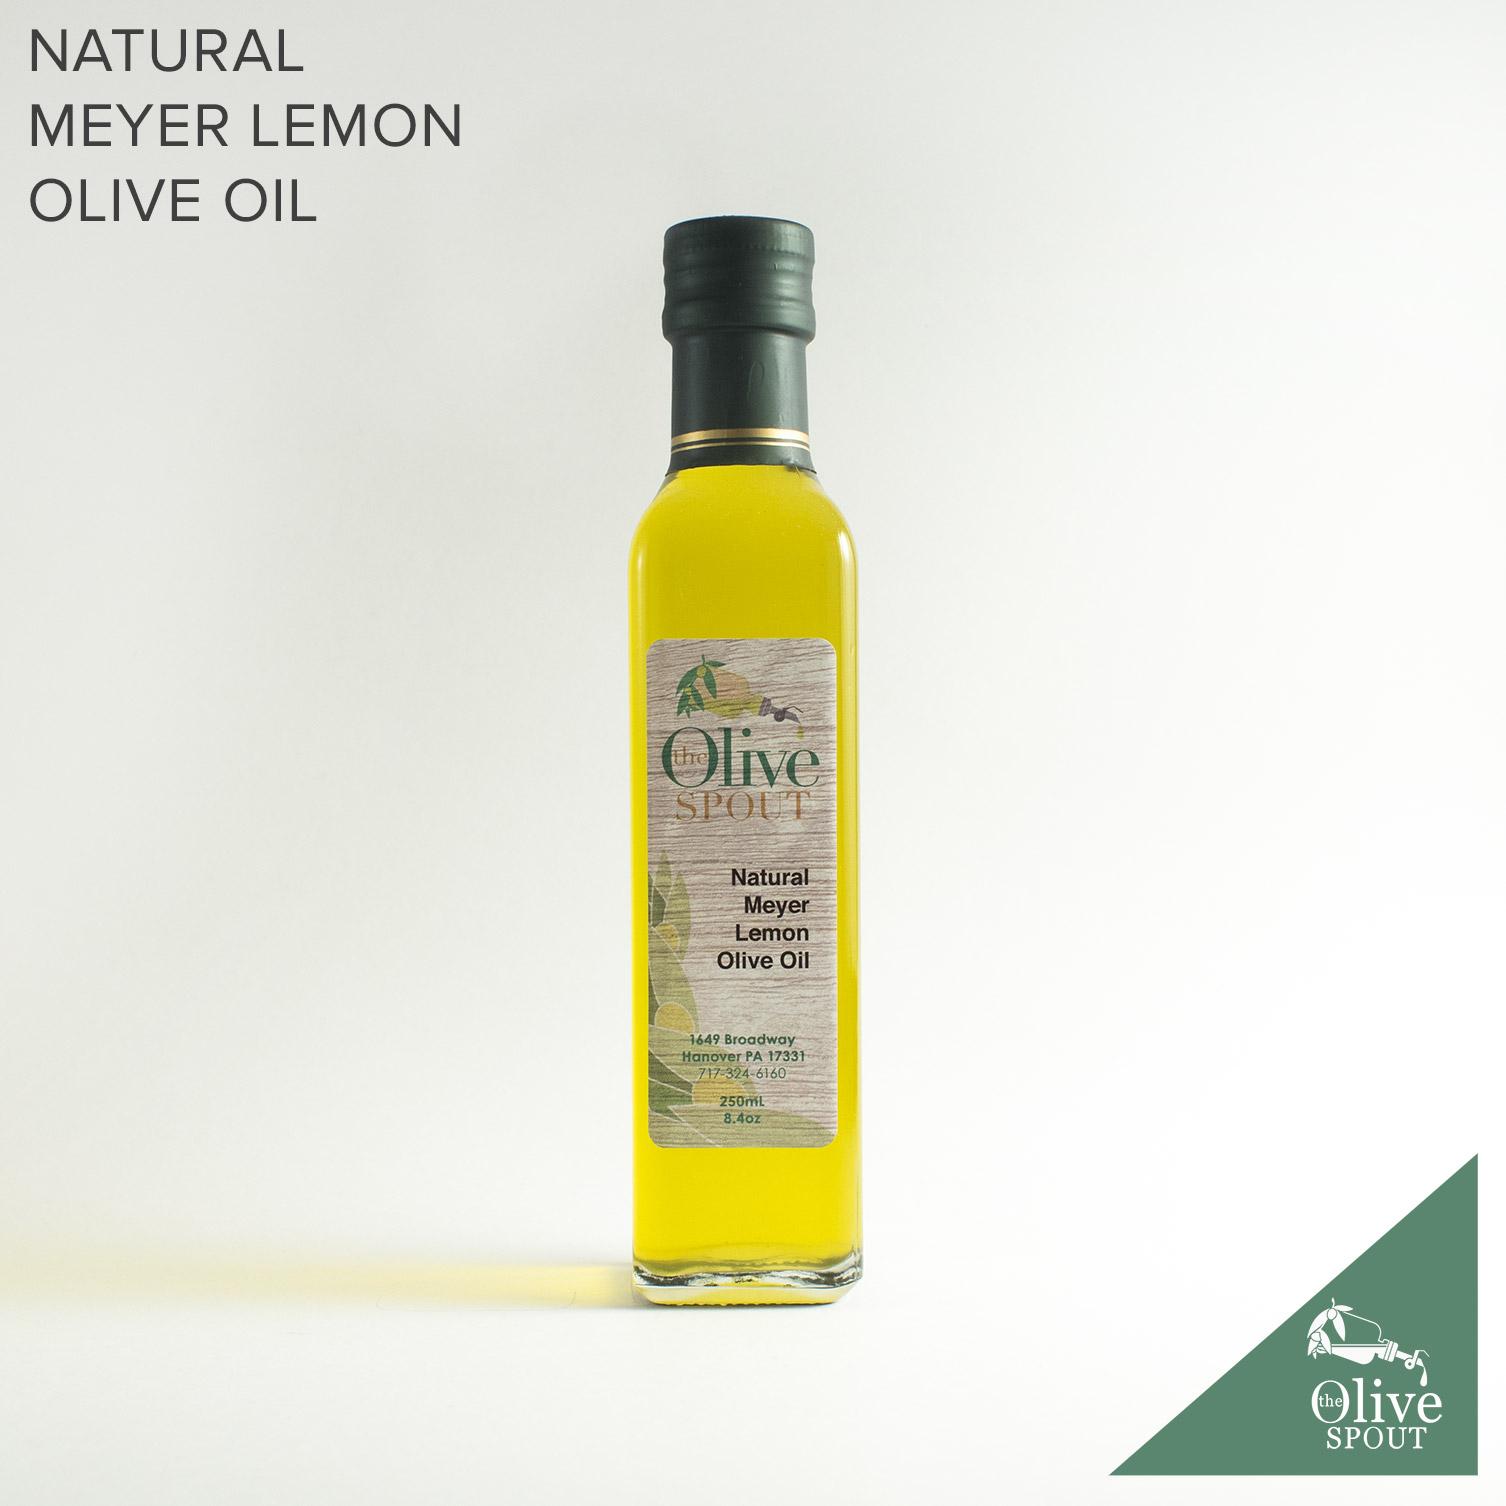 NATURAL MEYER LEMON OLIVE OIL.jpg